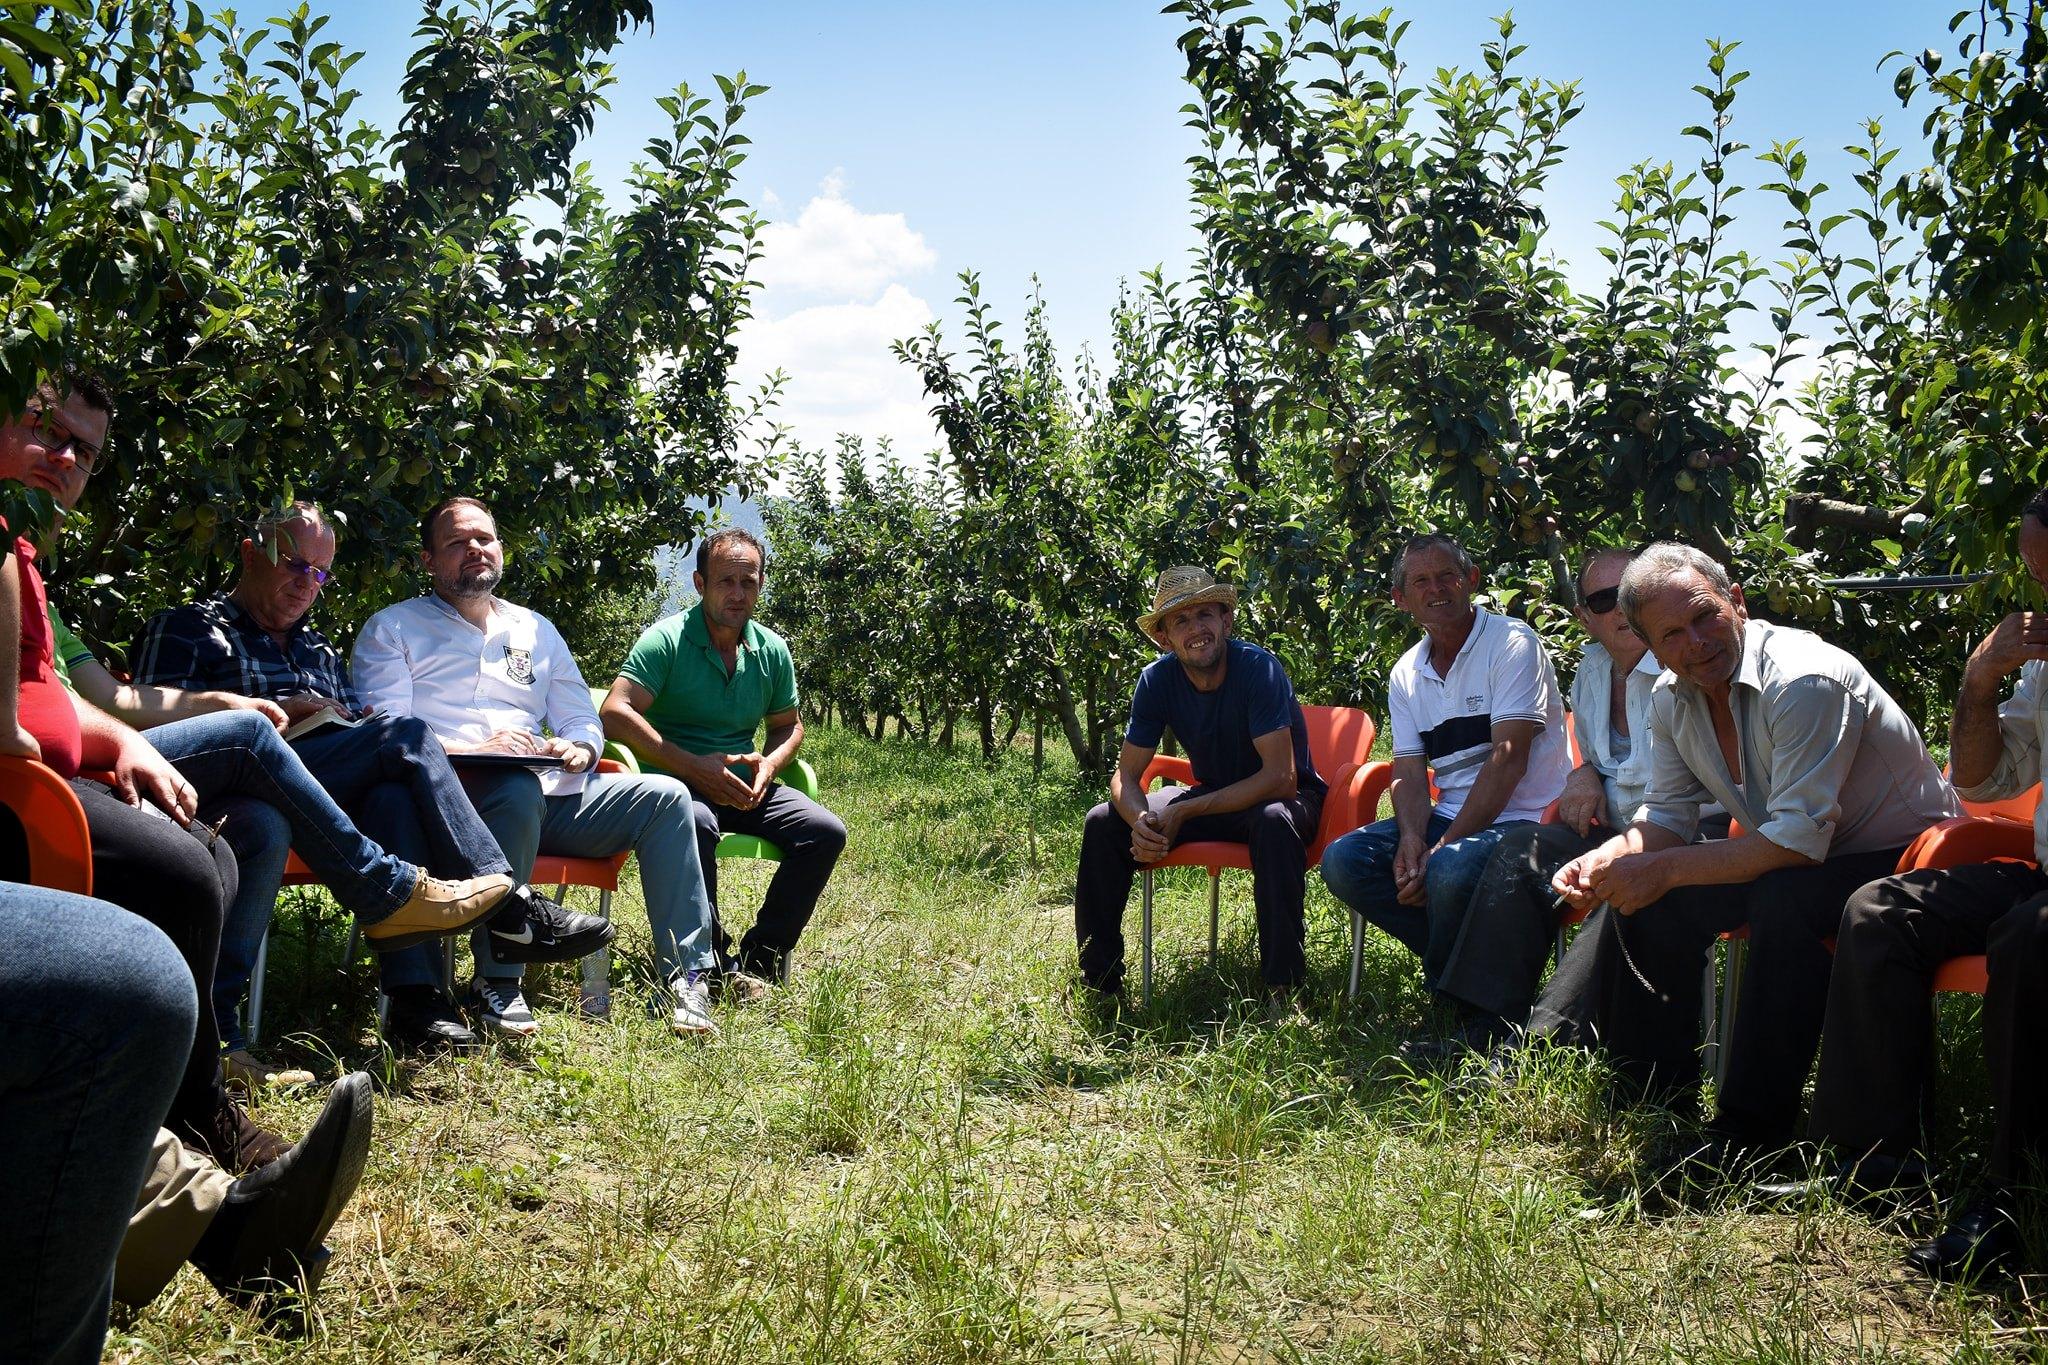 Berat/ Demo takim me fermerët: Përmirësim i infrastrukturës së zonave bujqësore